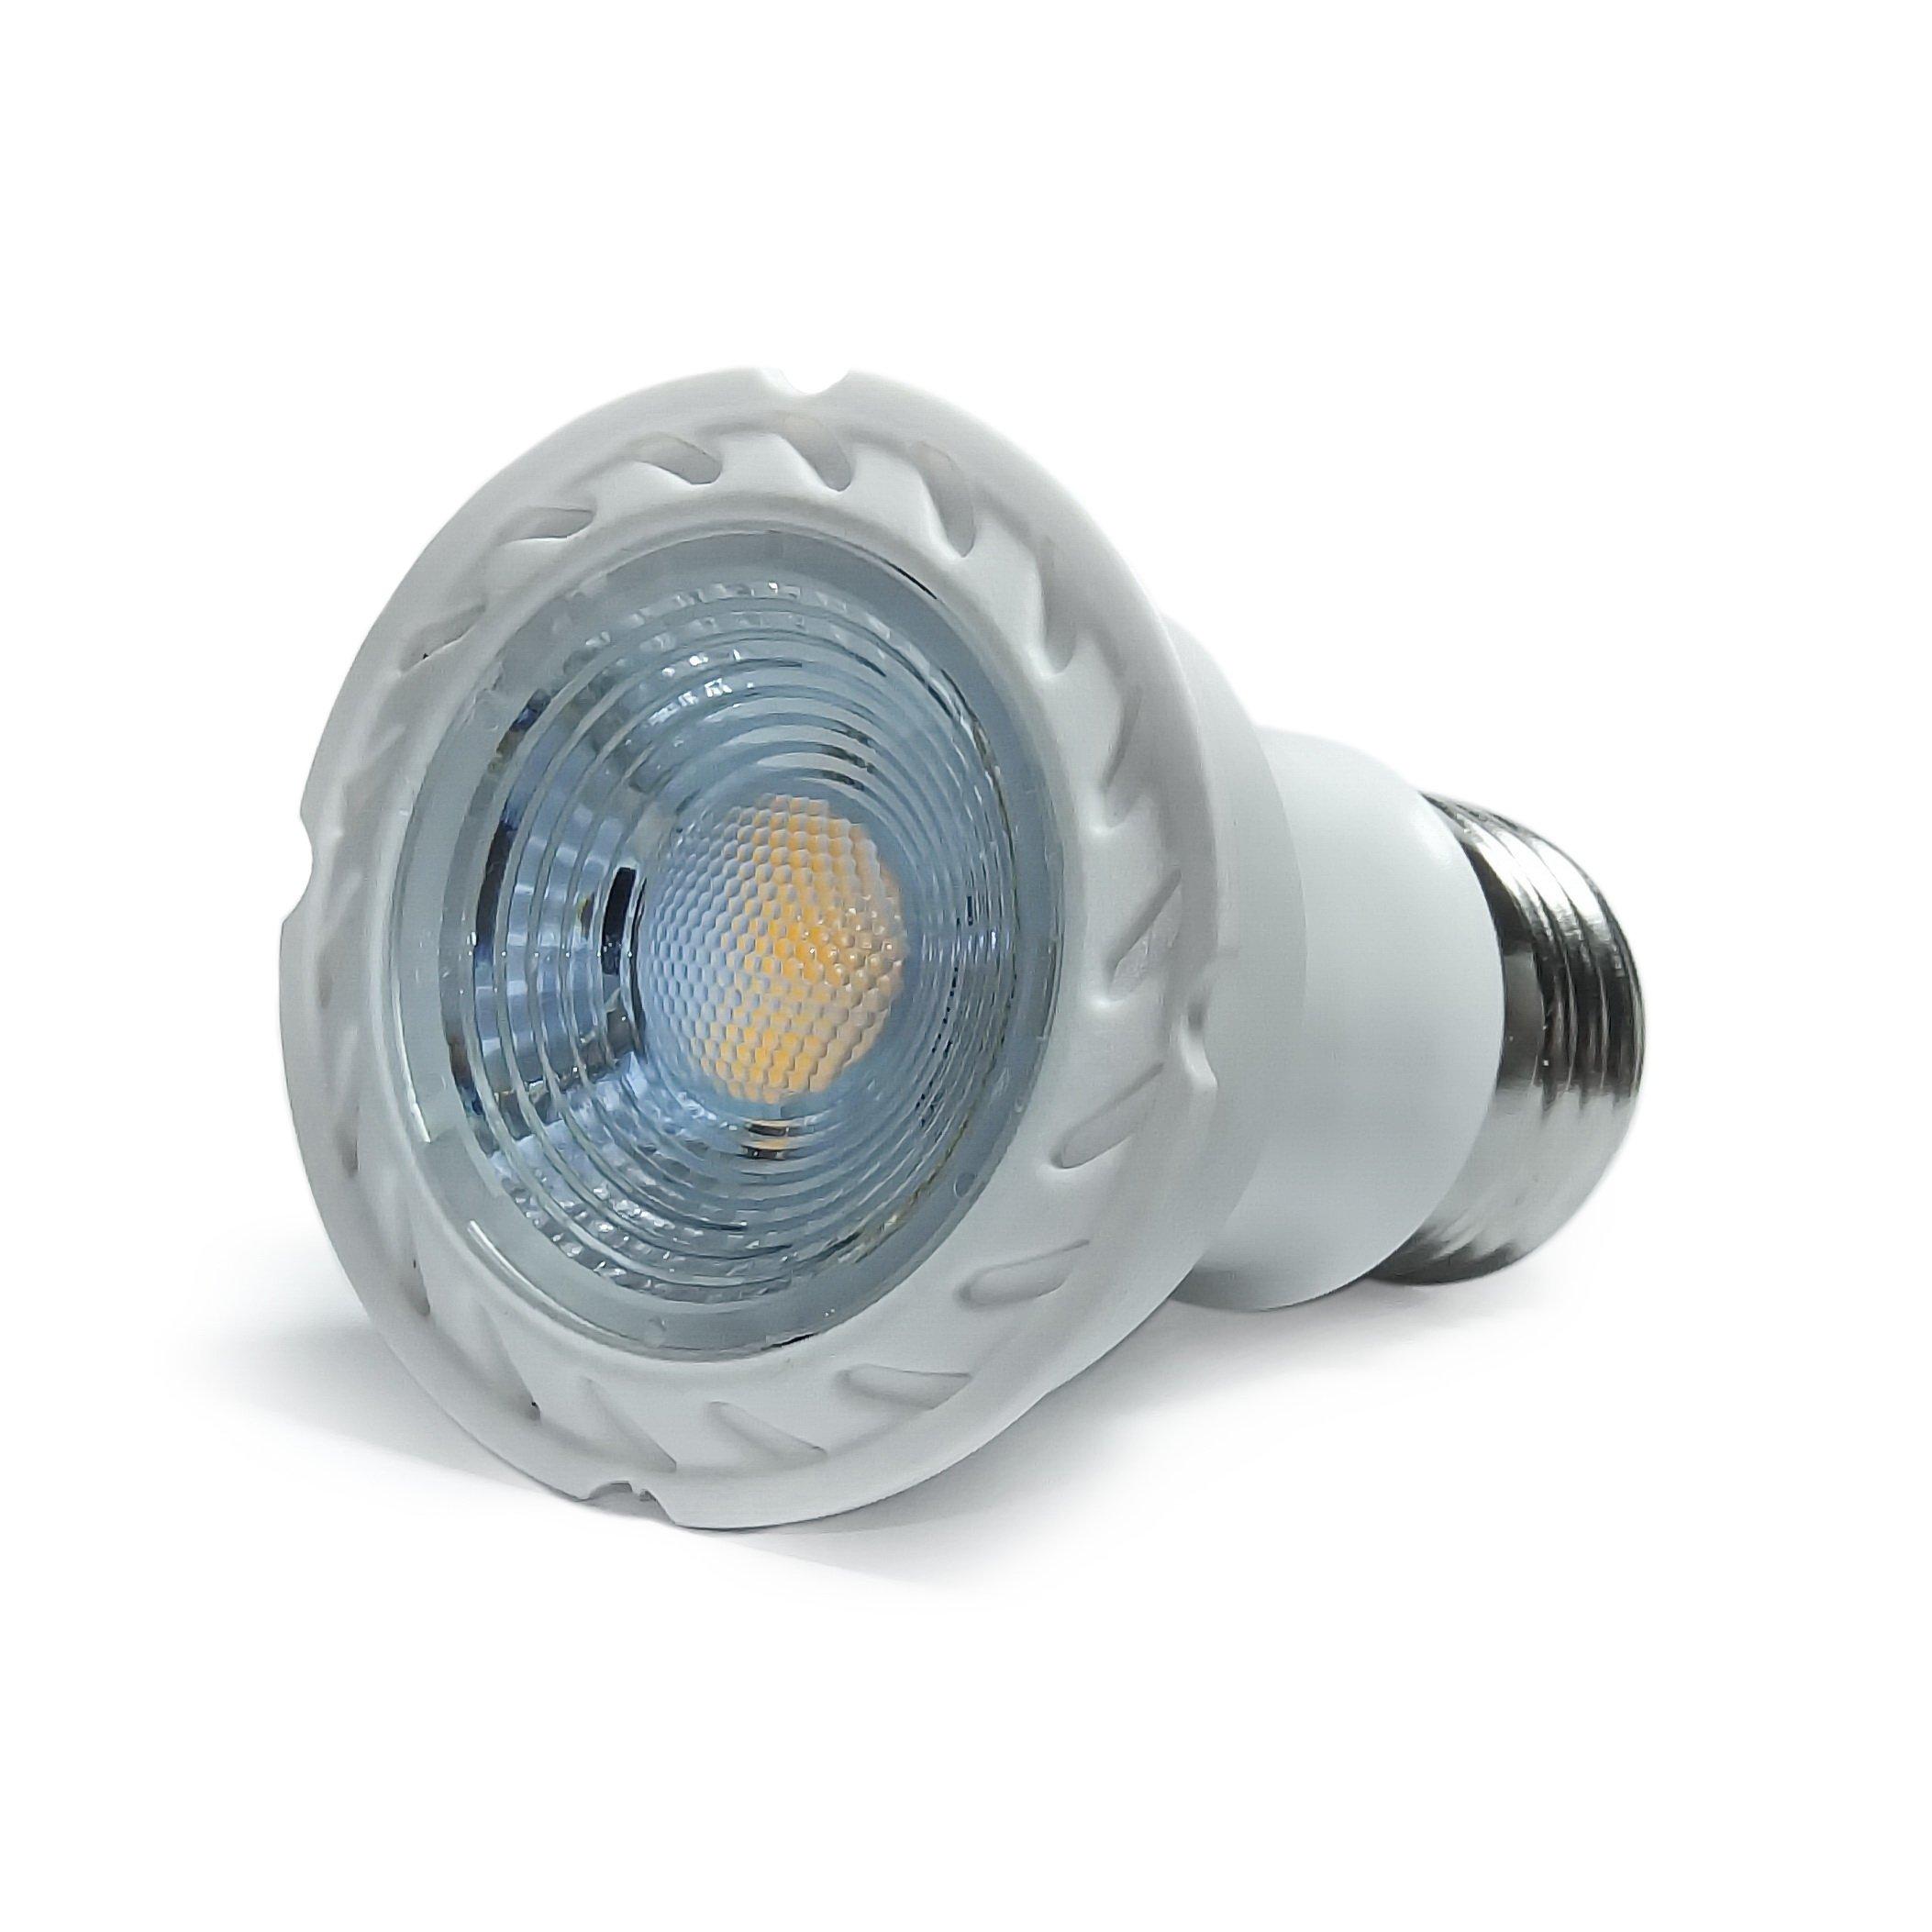 LSE Lighting 50W LED Replacement Bulb for Kitchen Range Hood European Hoods 50W E27